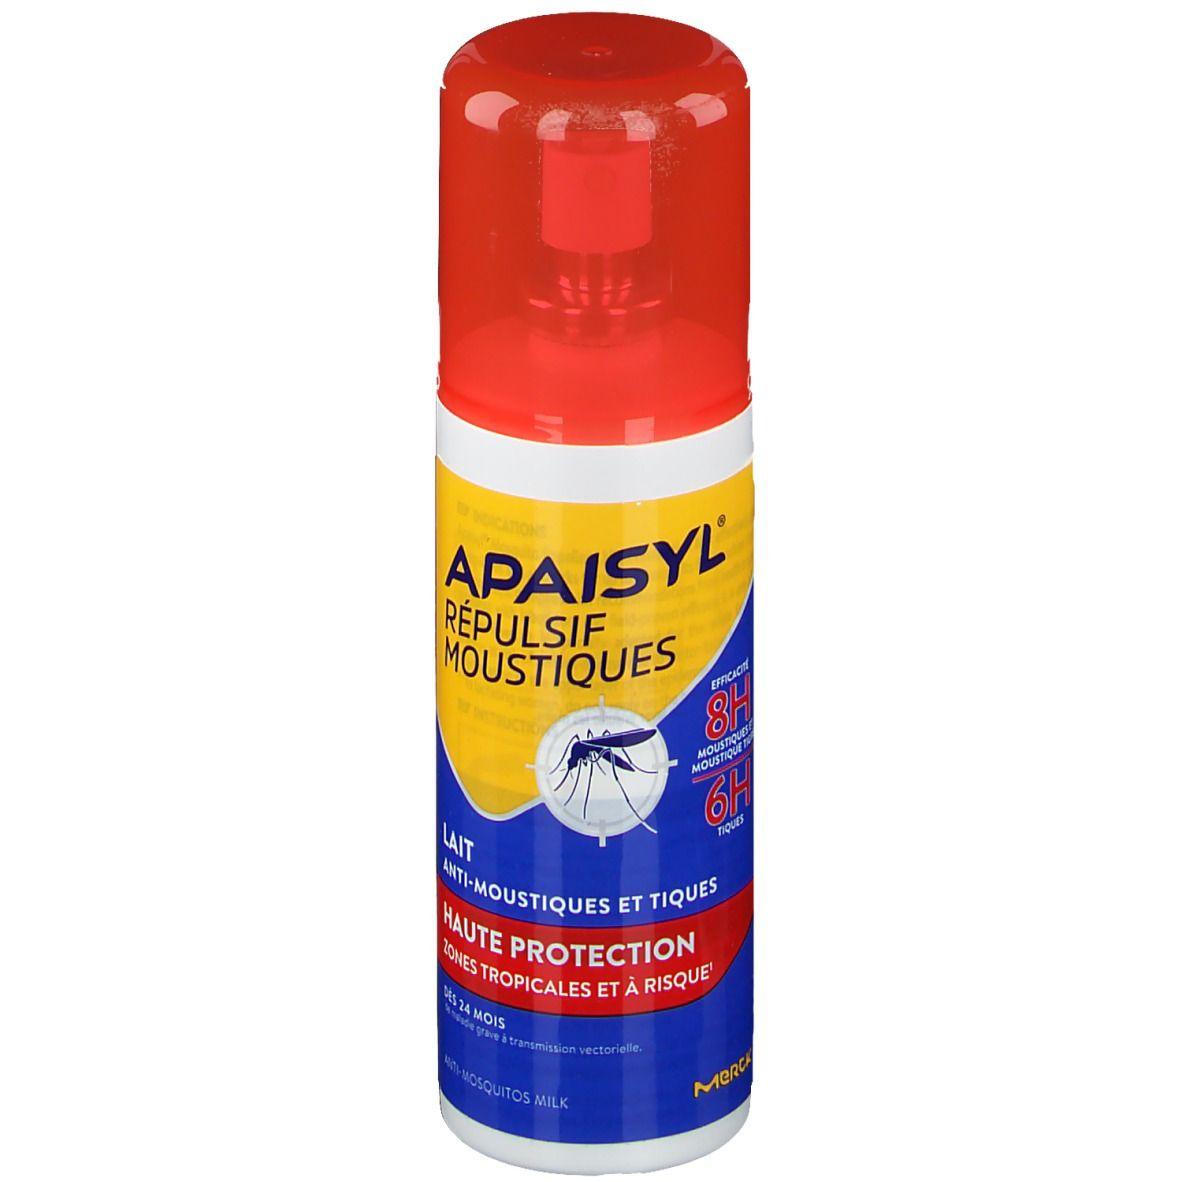 Image of Apaisyl® Répulsif Moustiques Lait haute protection